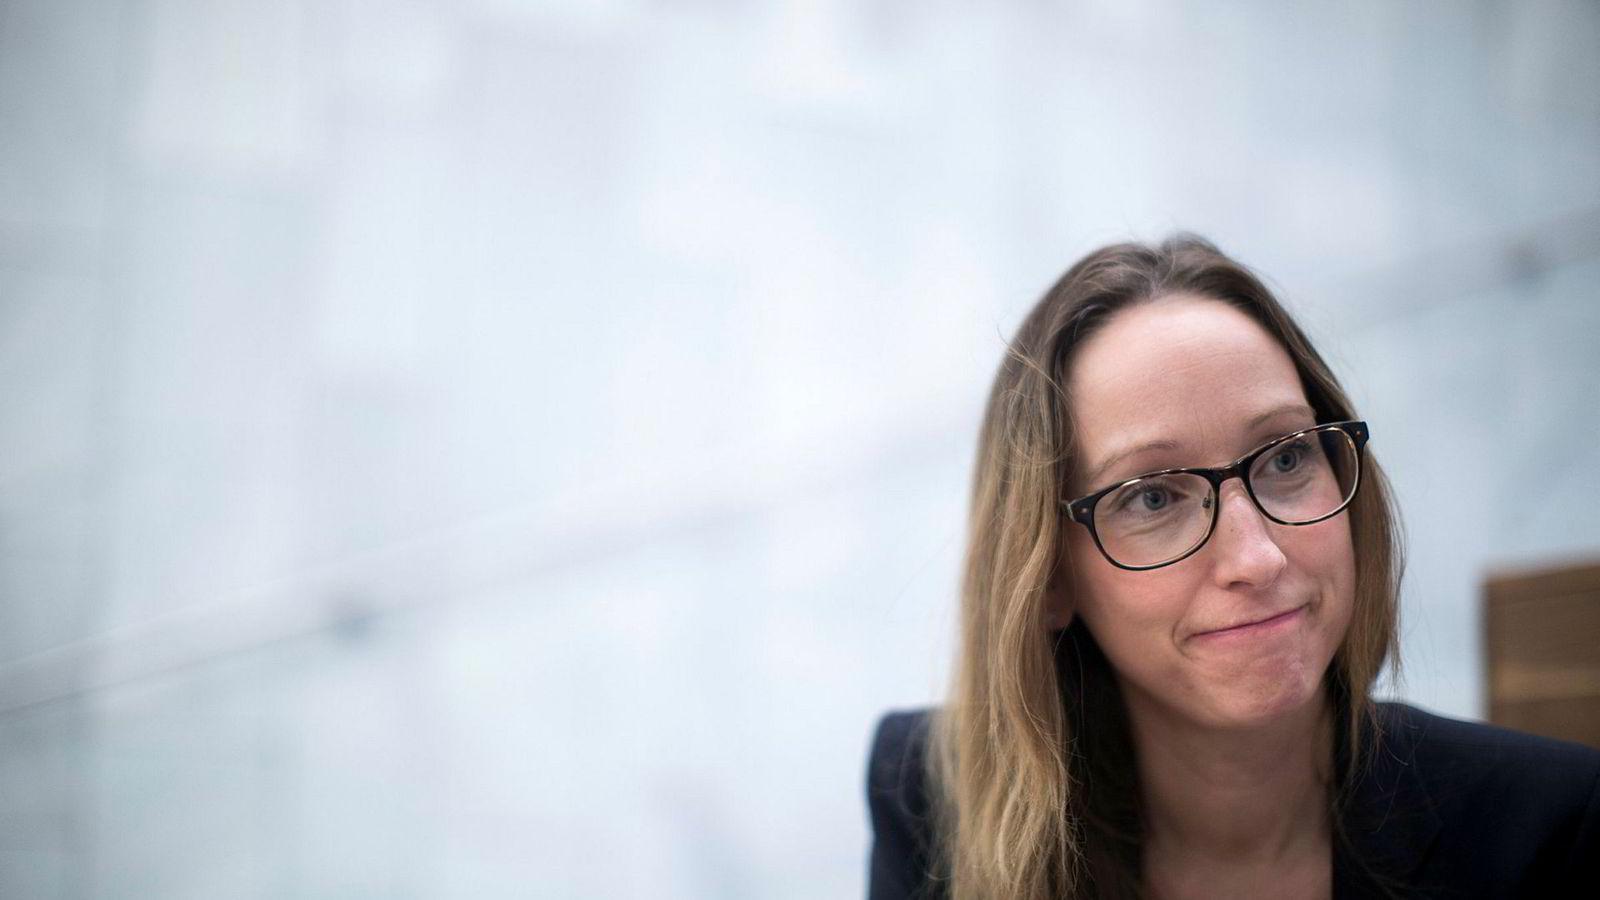 Selv om prisveksten var litt høyere enn sjeføkonom Kjersti Haugland hadde forventet, mener hun vi ikke er tilbake på den friske veksttakten man så i første halvår.